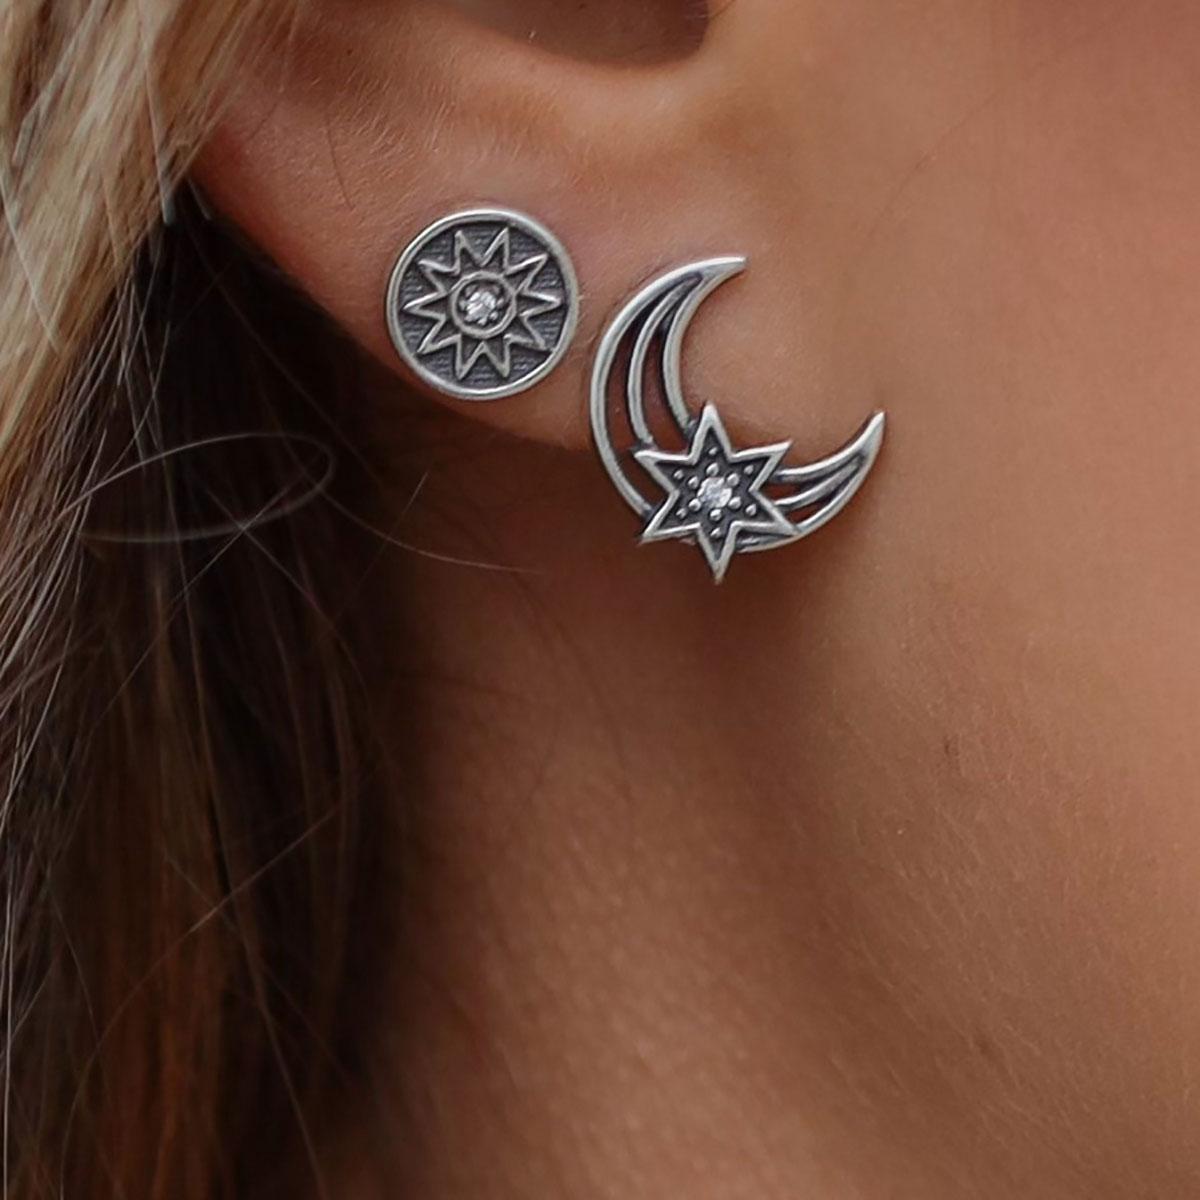 Brinco Prata Boho Lua Detalhe Estrela Zircônia